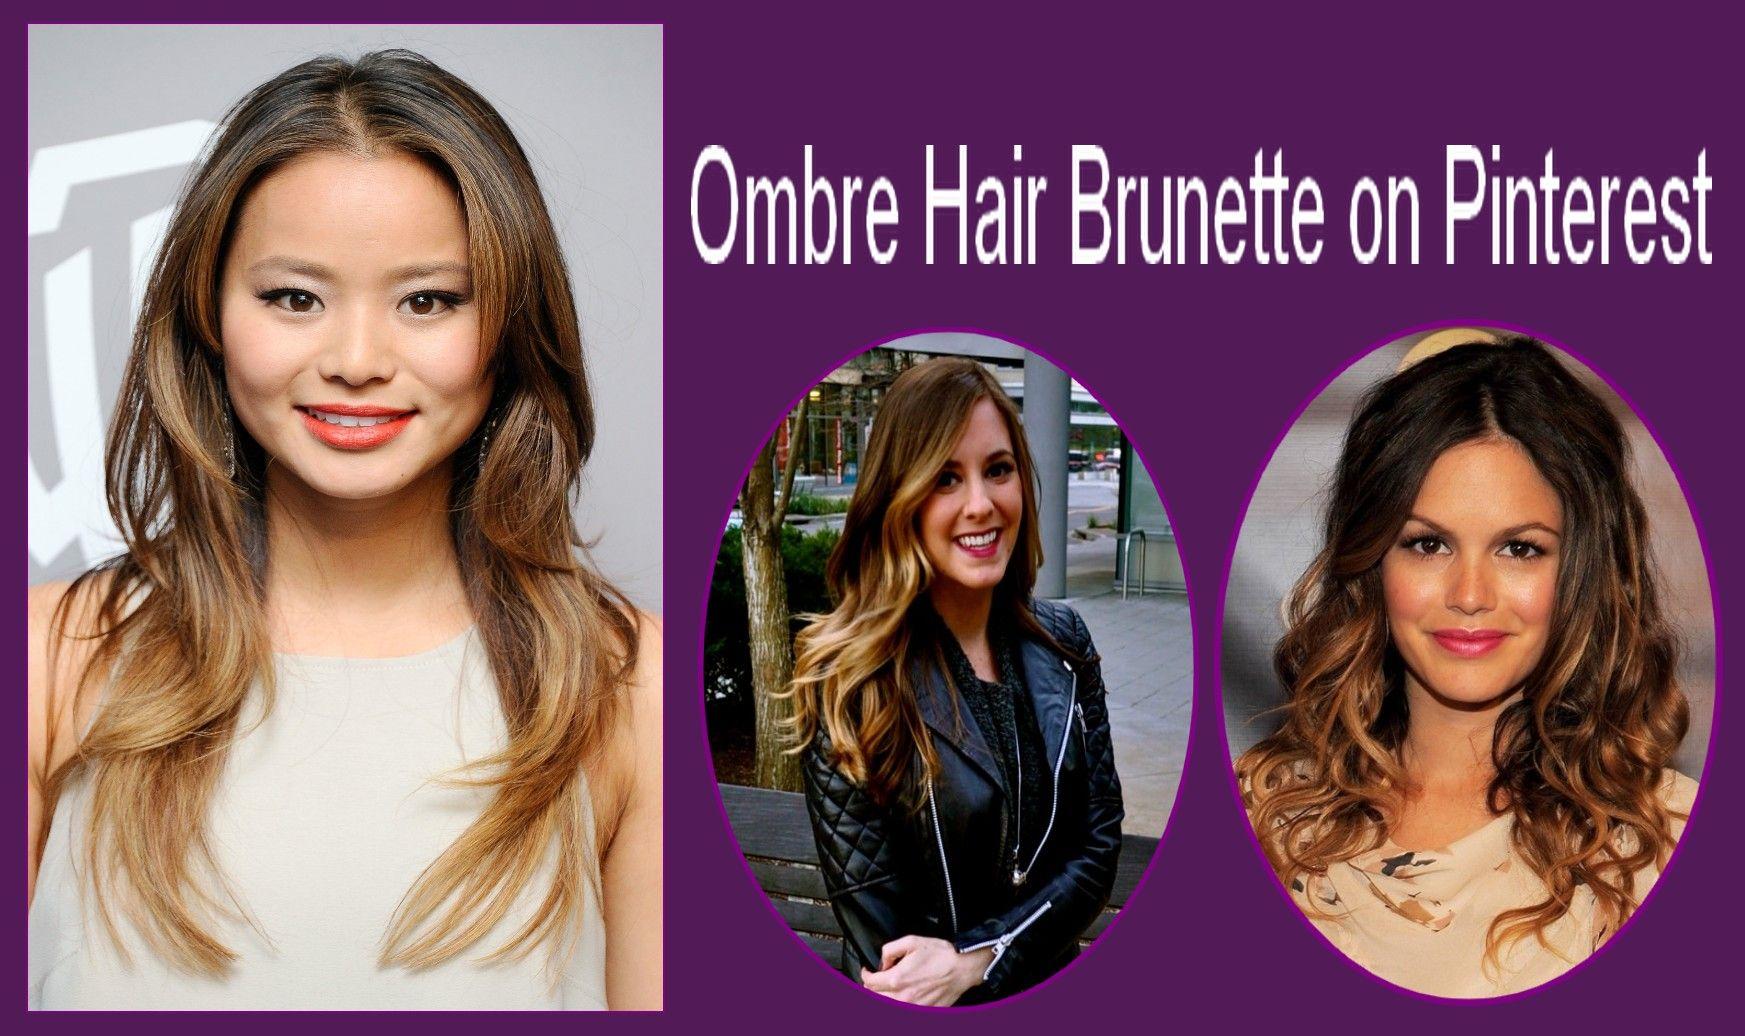 Ombre Hair Brunette on Pinterest